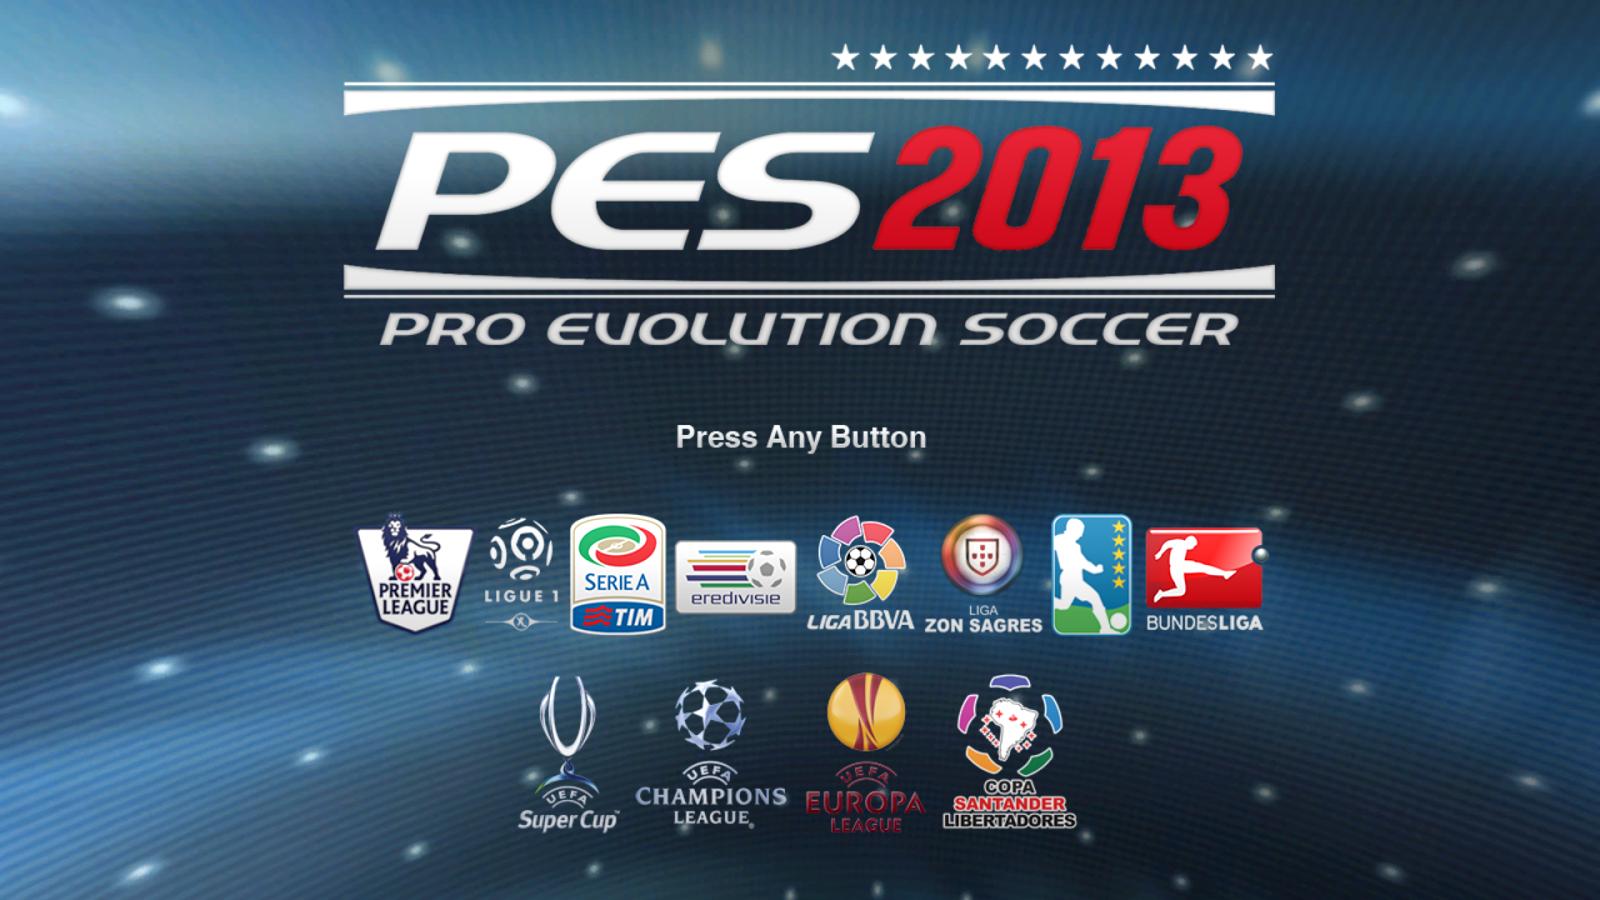 Melhores goleiros do pro evolution soccer 2013.